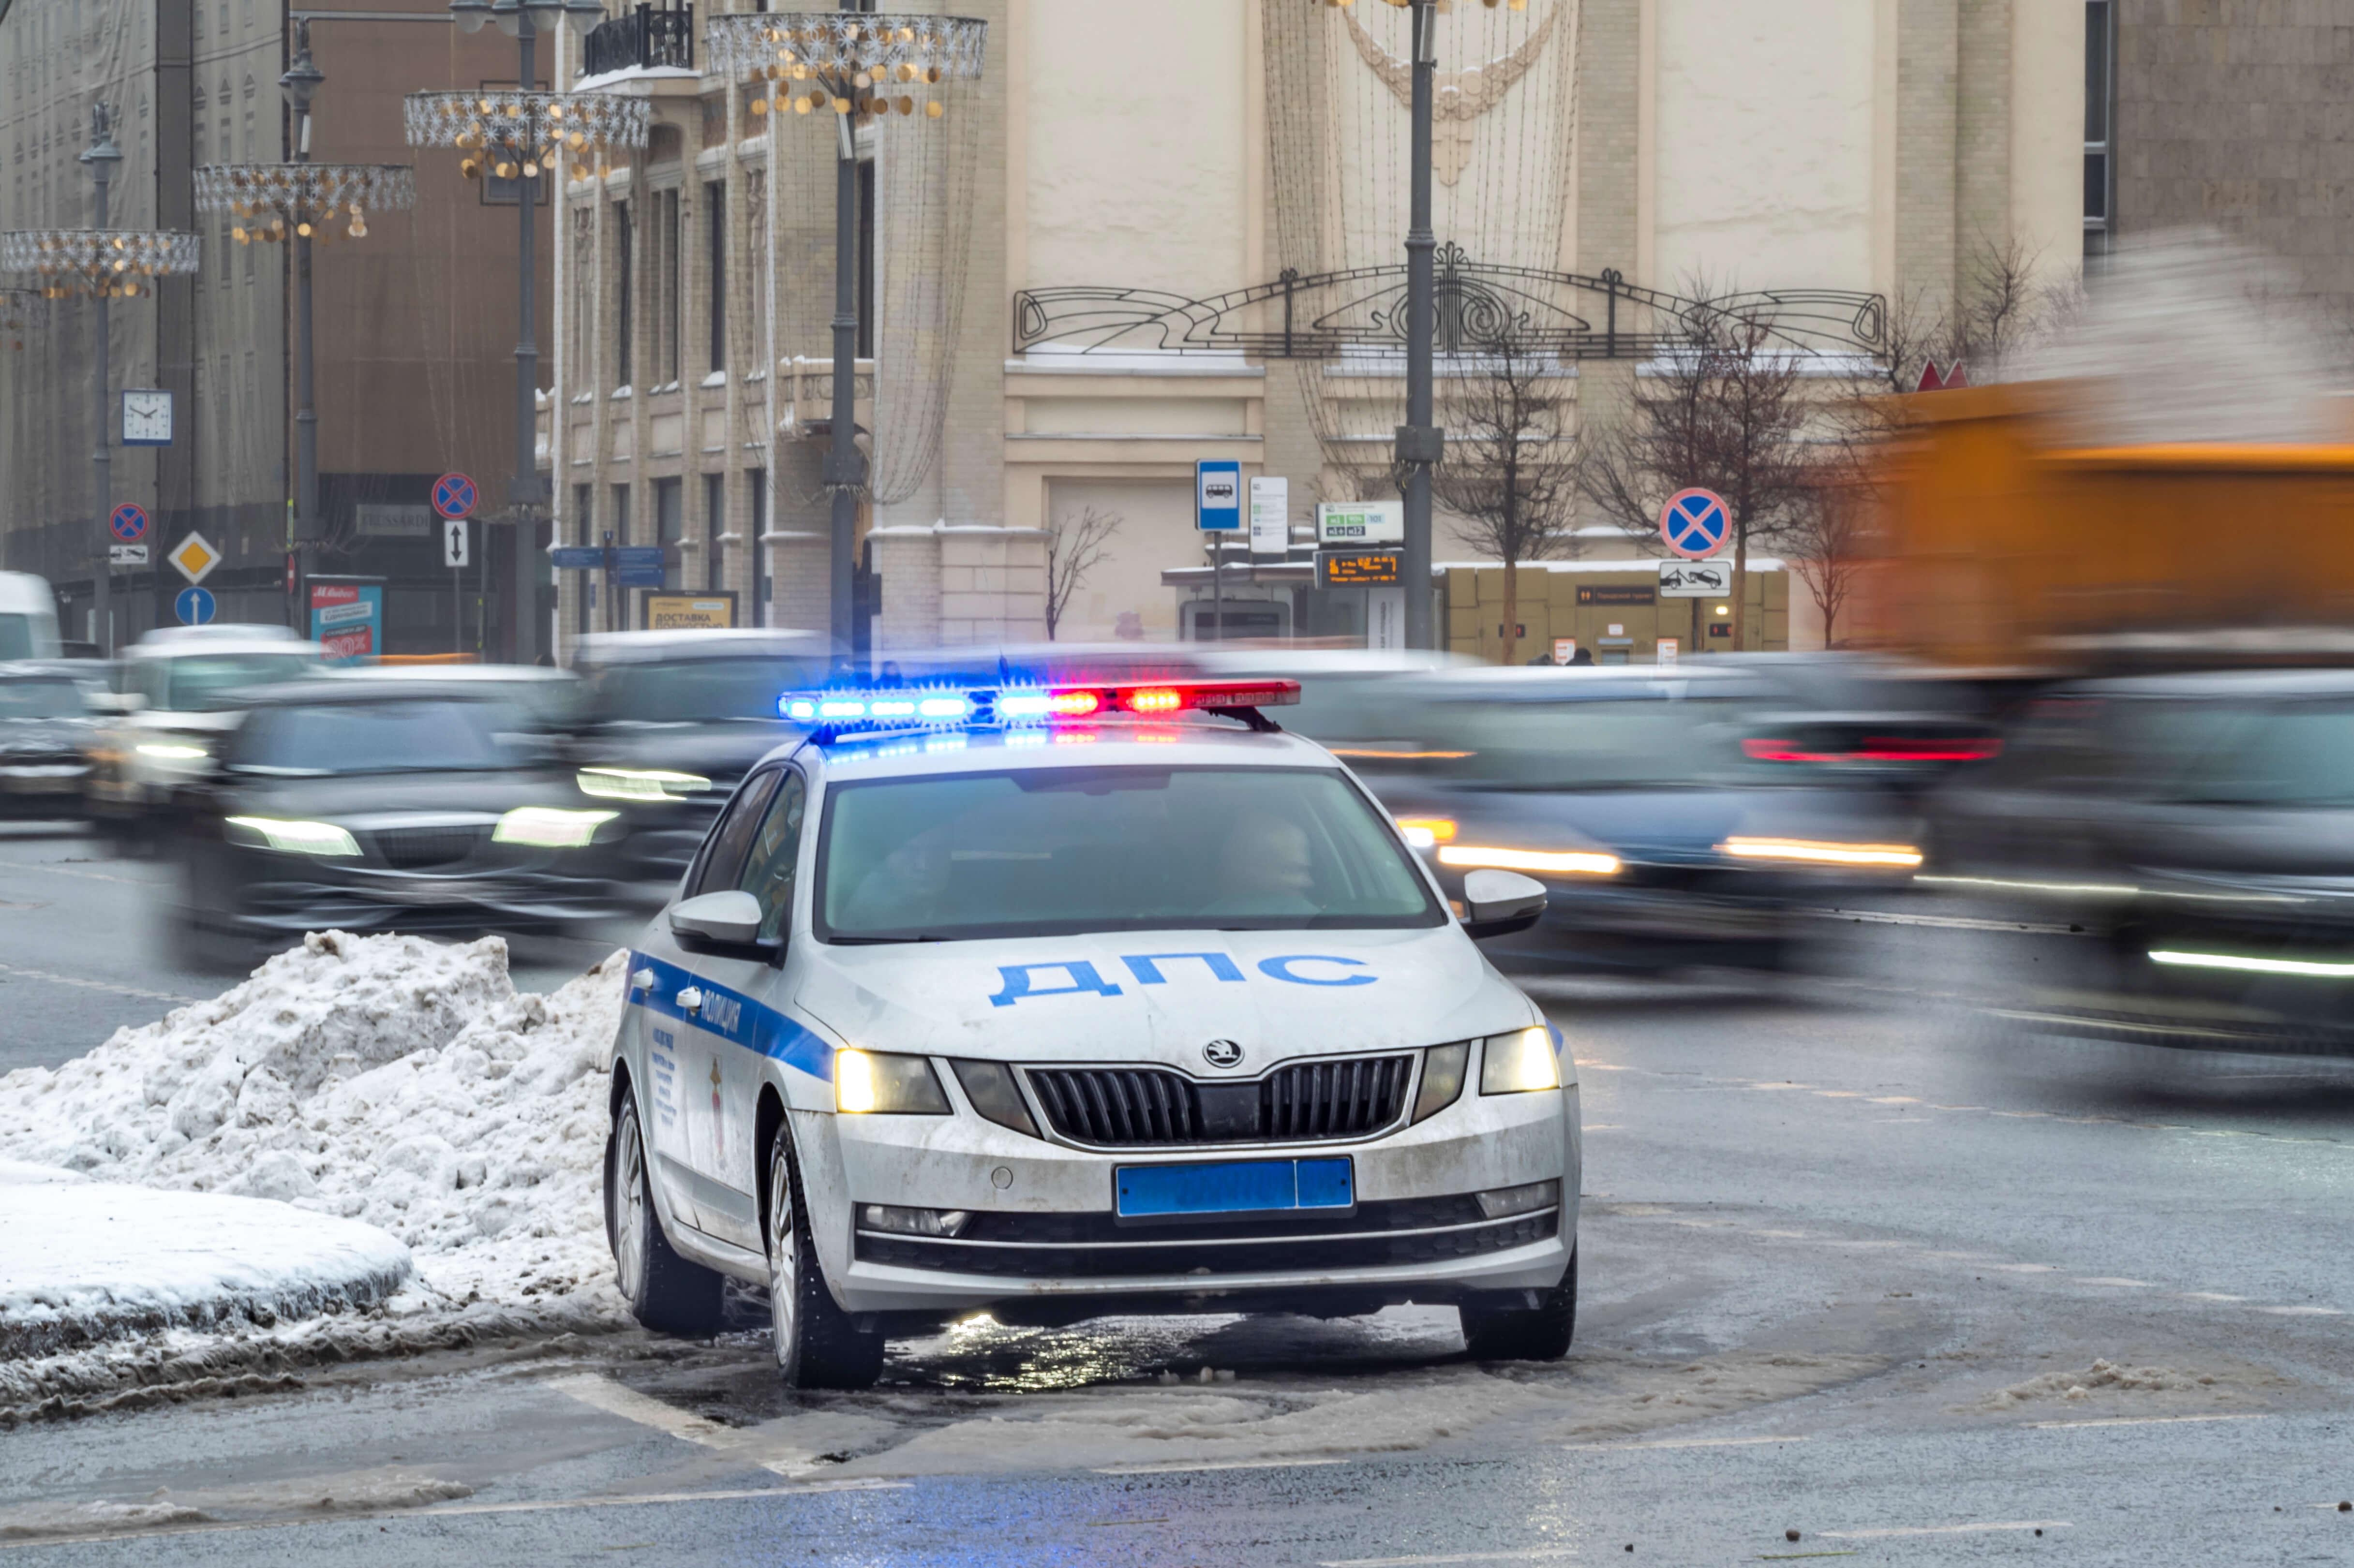 В Красноярске автомобиль протаранил остановку: «Просто взлетели все на воздух»